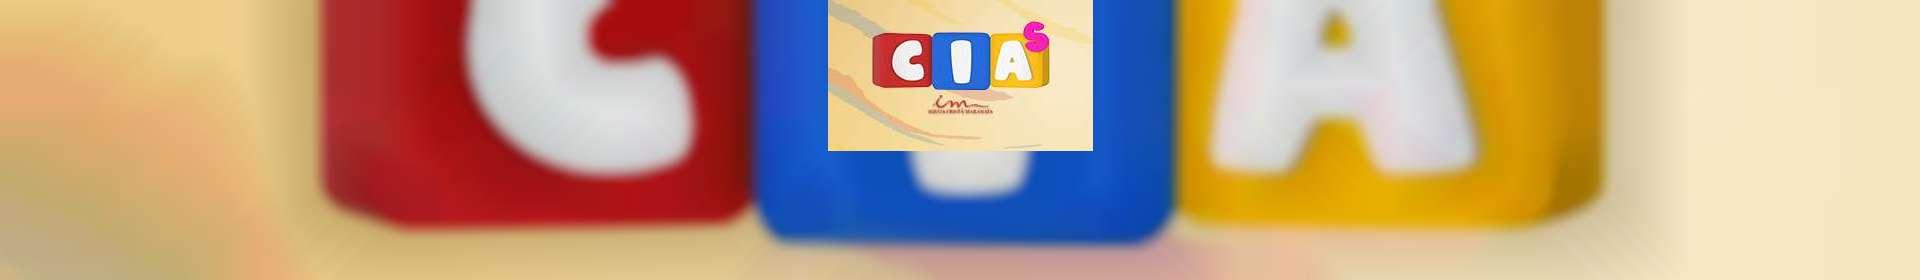 Aula de CIAS: classe de 07 a 11 anos - 21 de maio de 2020